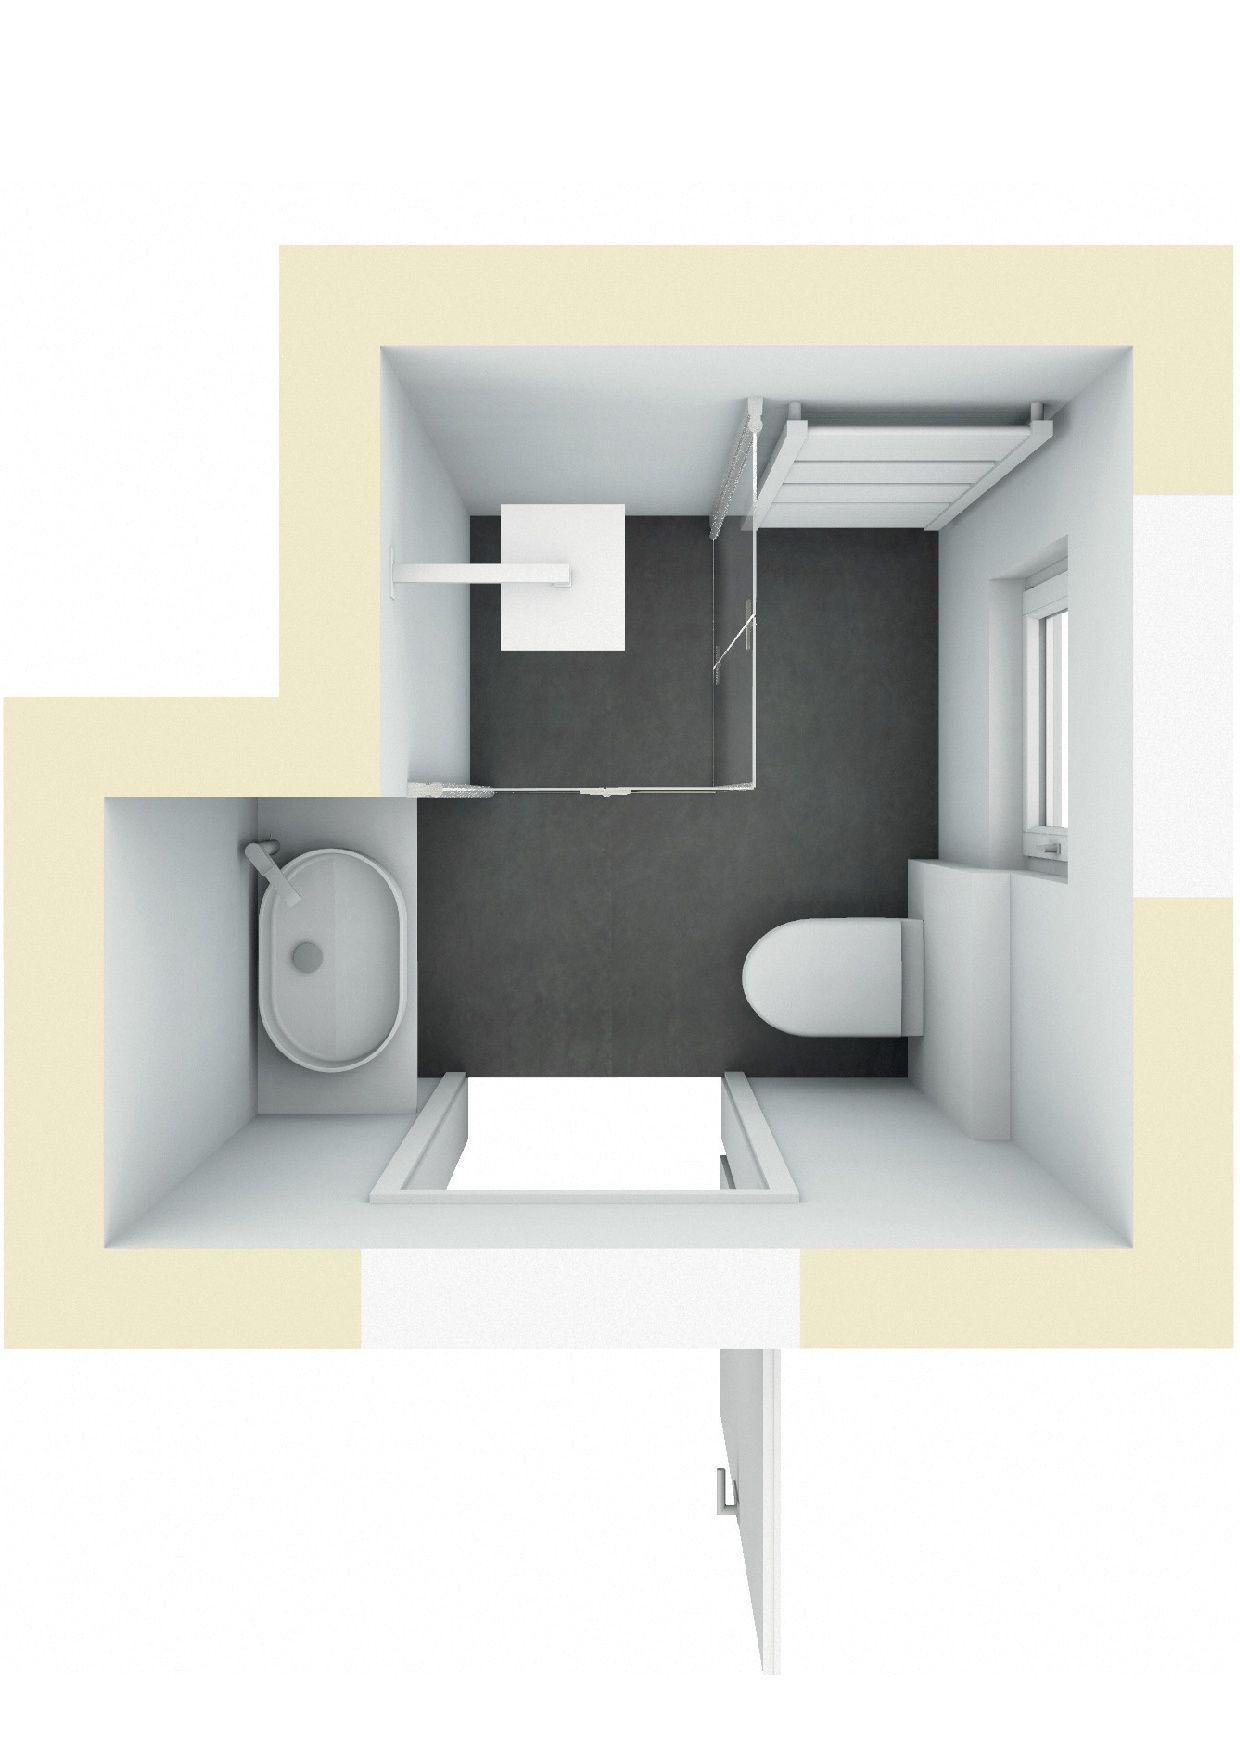 Badplanung: Kleines Badezimmer Mit Dusche